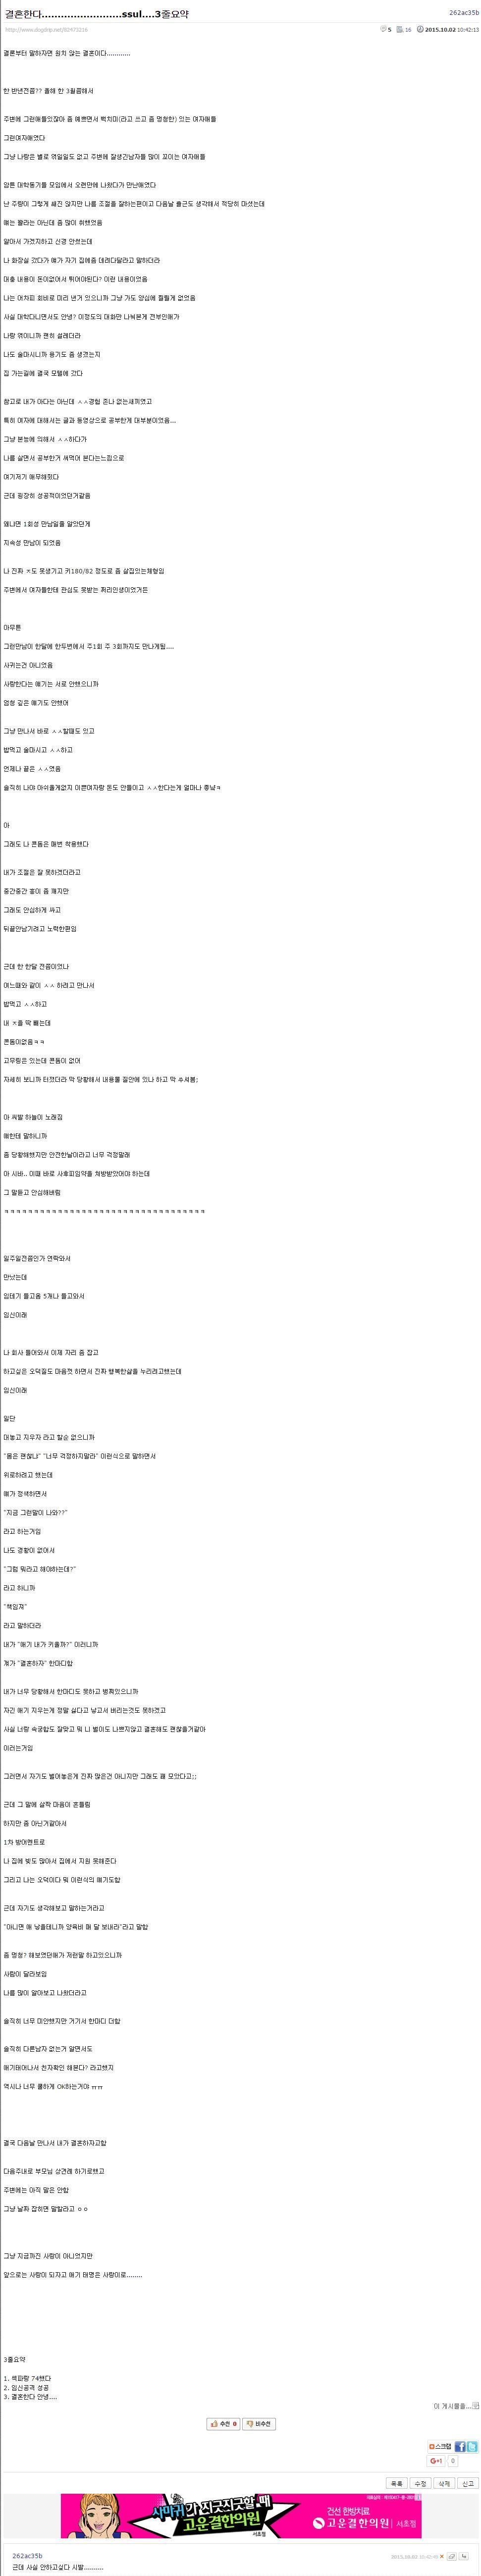 모 사이트 익명 게시판에 올라온 ㅈㅗㅈ대가리 함부로 놀렸다가 ㅈㅗㅈ된 썰.SSUL | 인스티즈